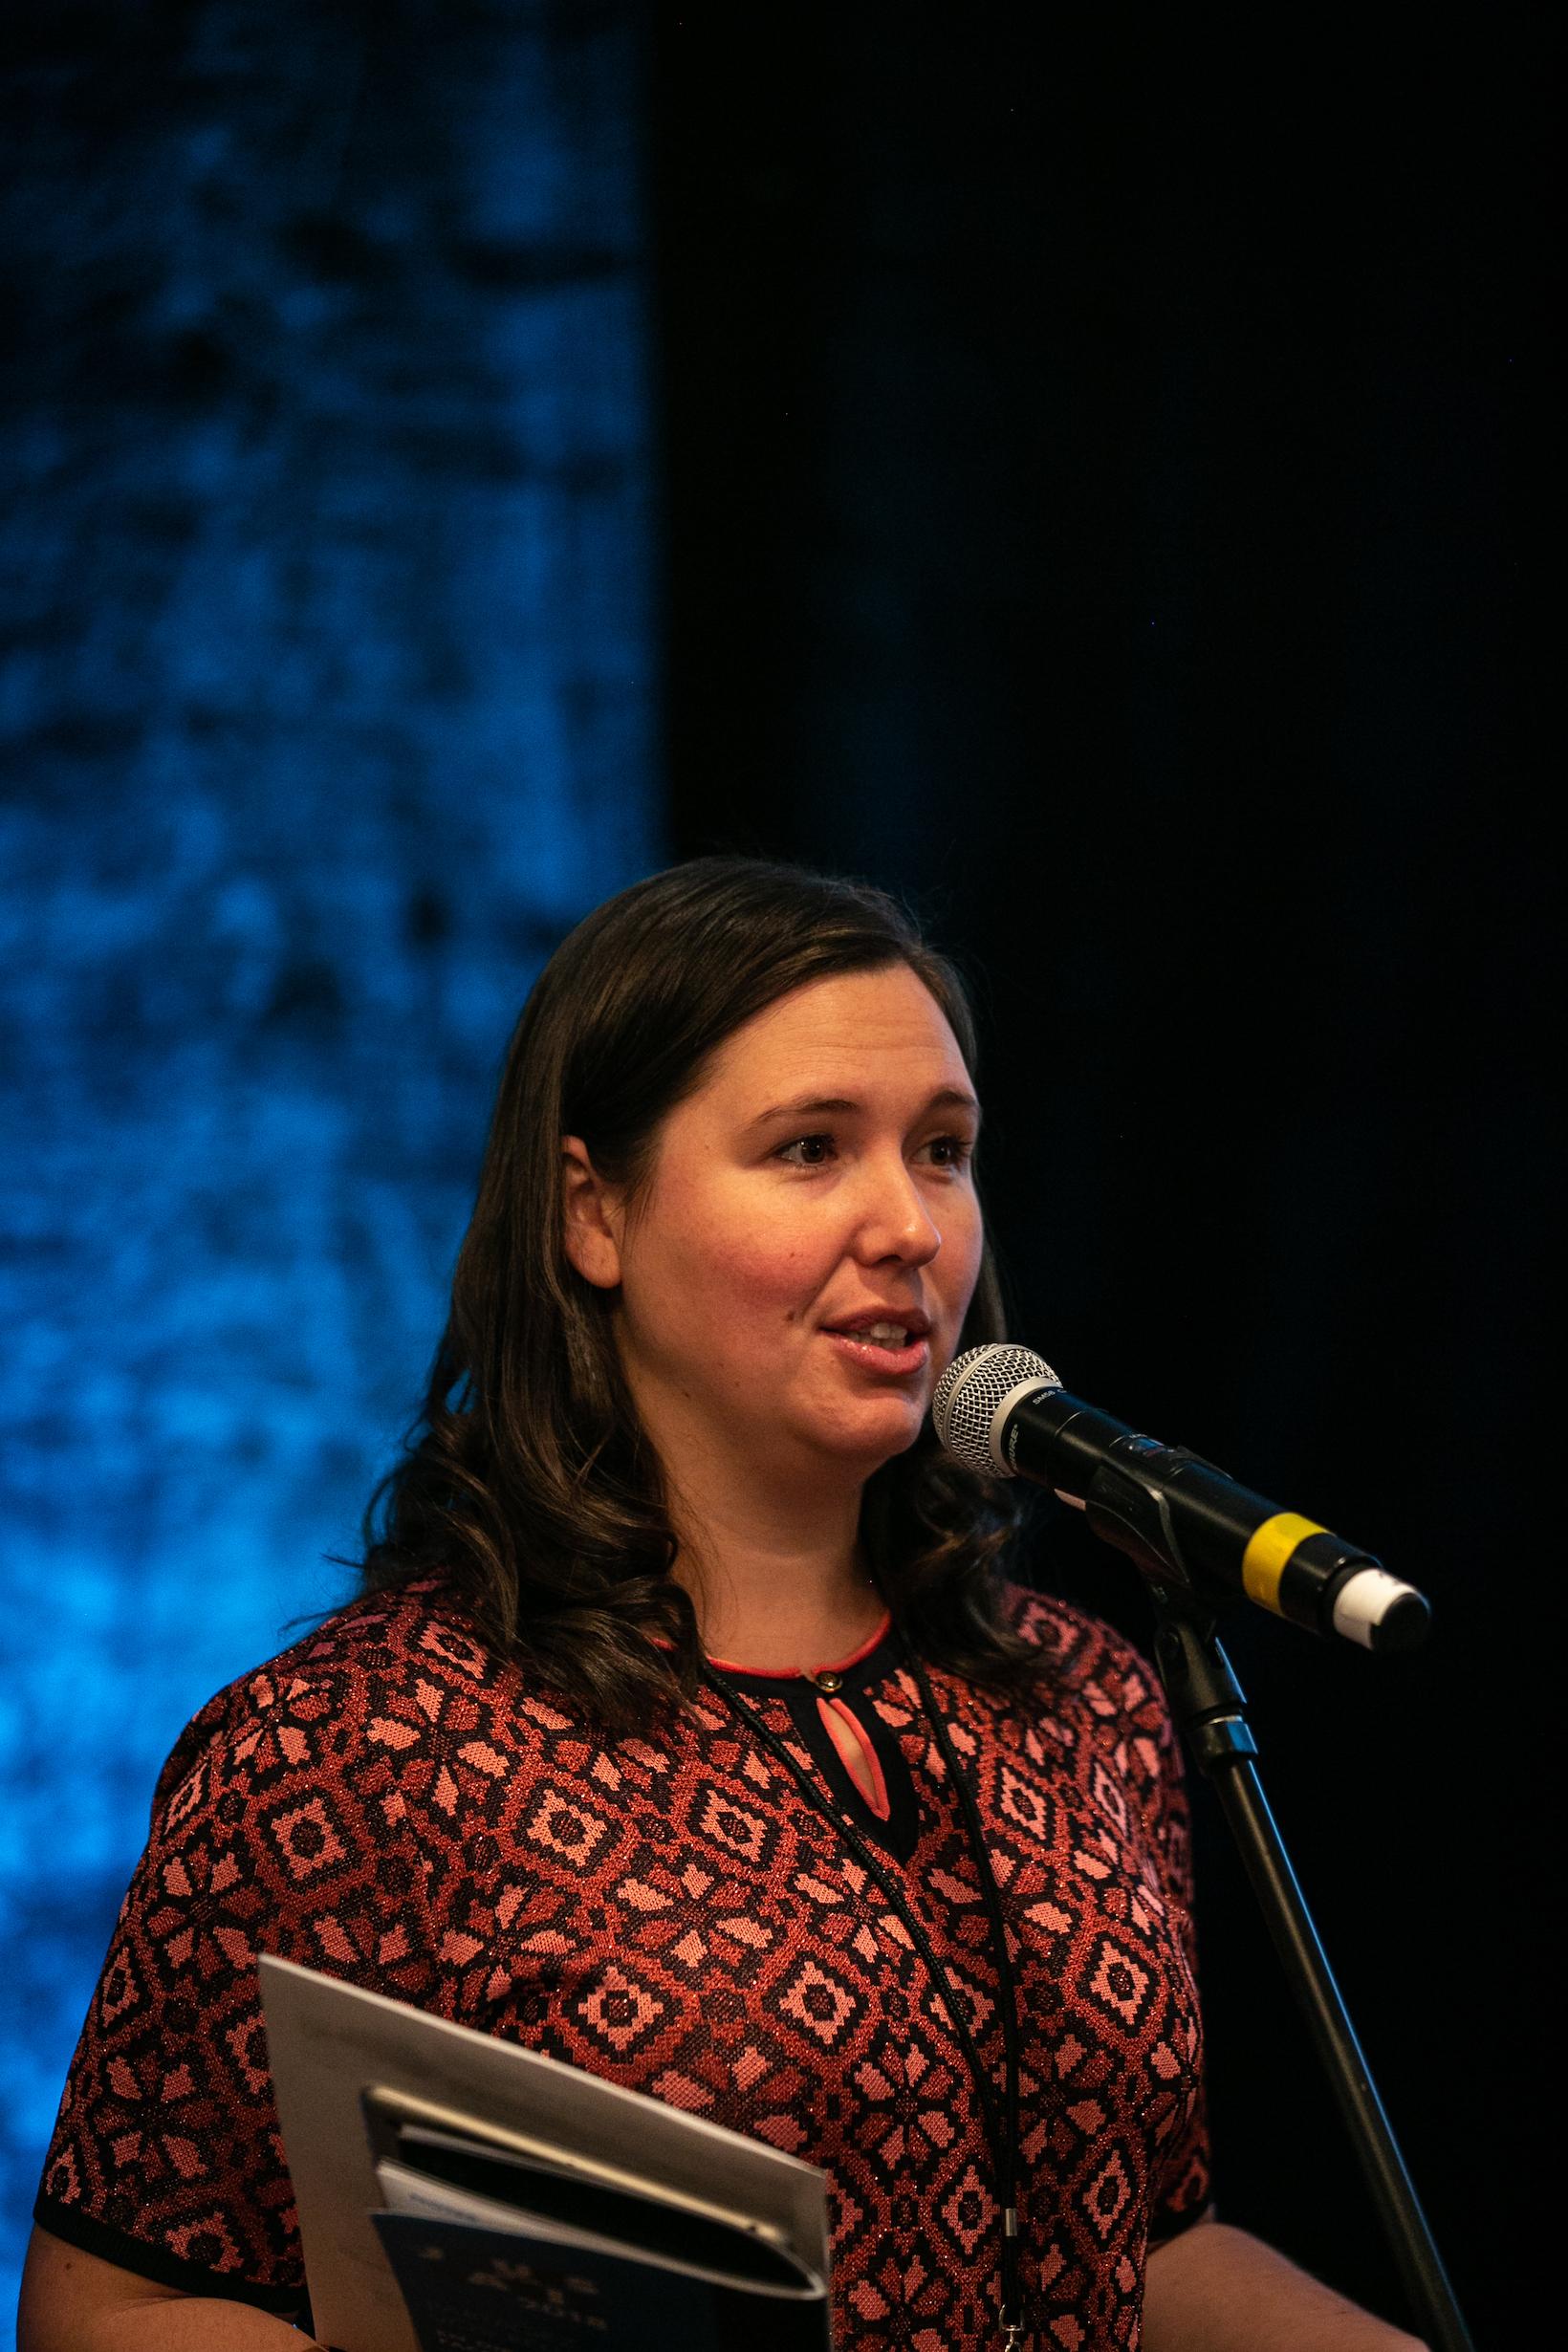 Tanya Beaumont, présidente de l'ARCQ, lors de son discours d'ouverture des Jours de la Radio 2018.